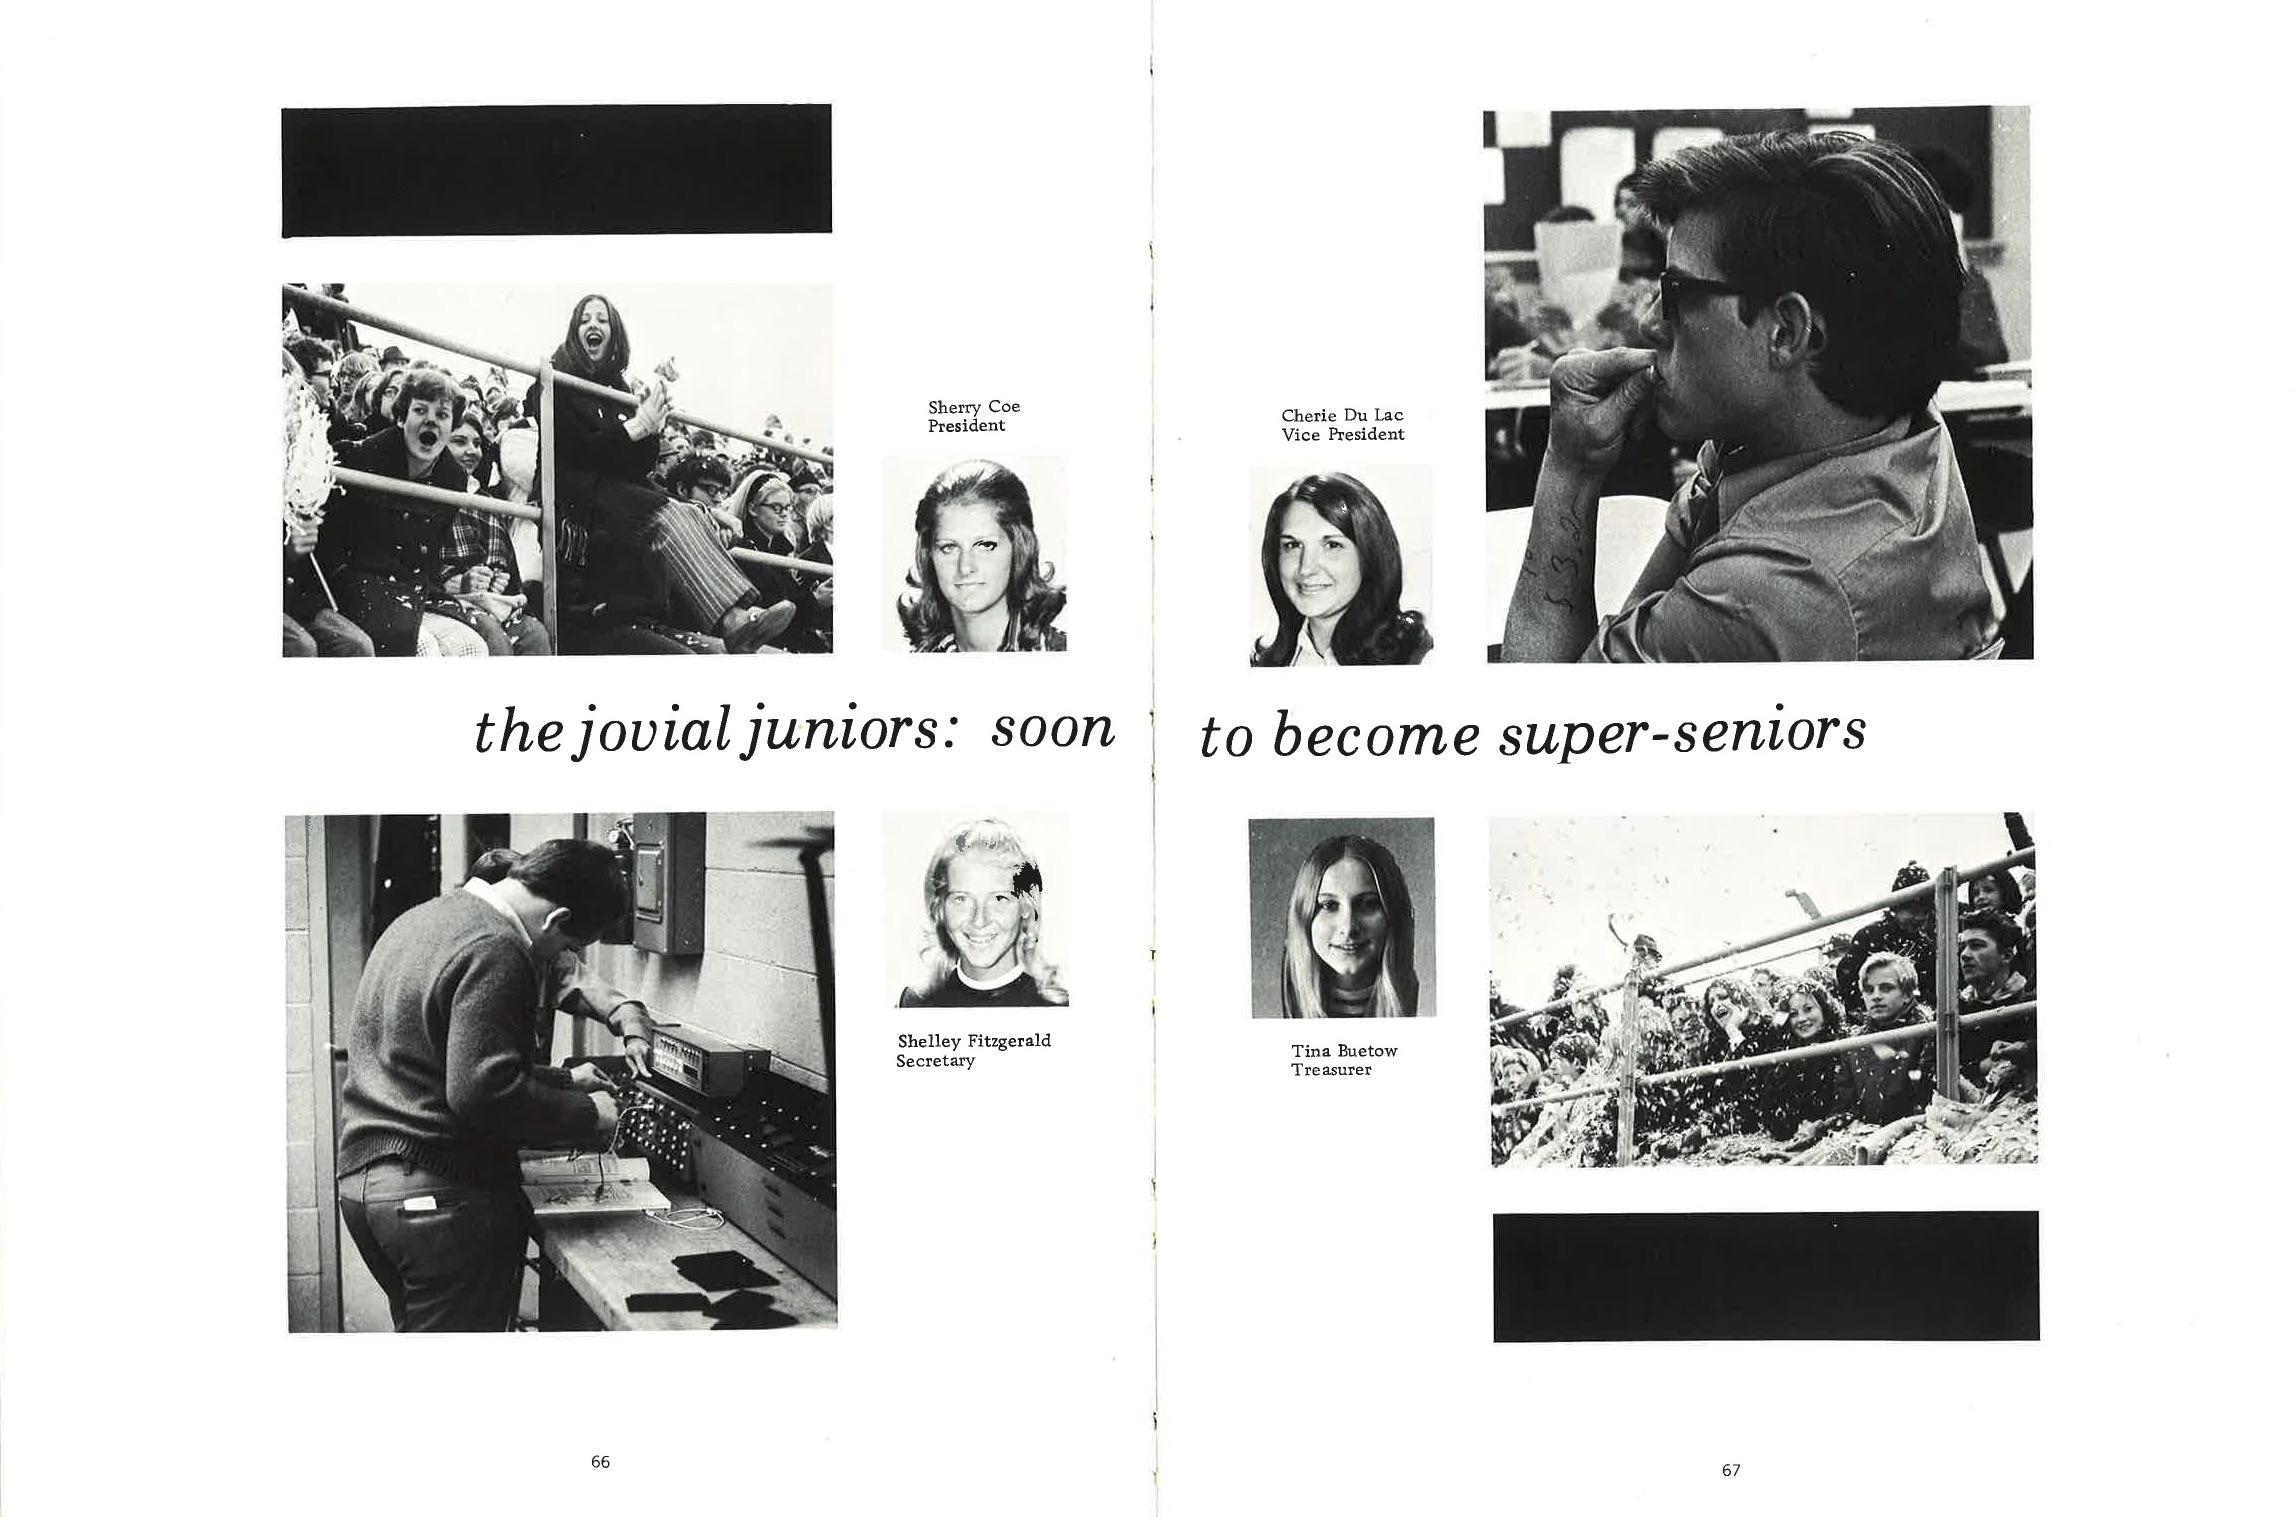 1971_Yearbook_66-67.jpg